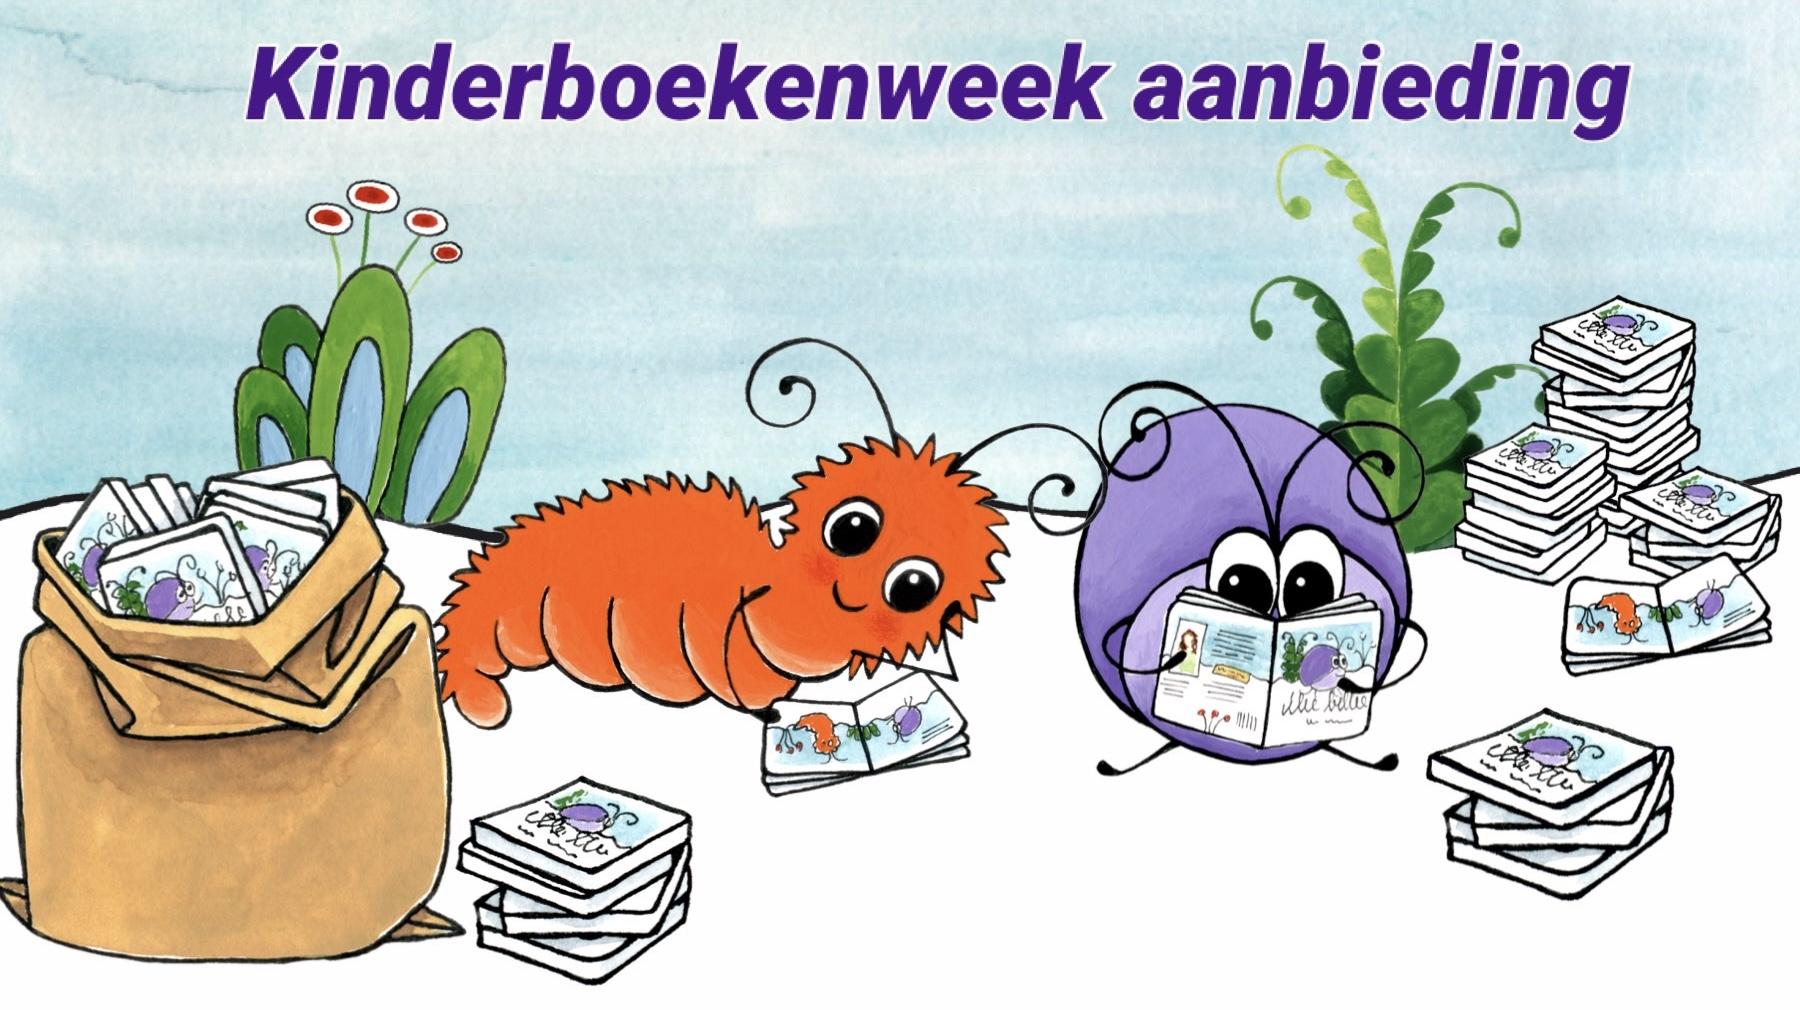 Kinderboekenweek aanbieding Illie Billie